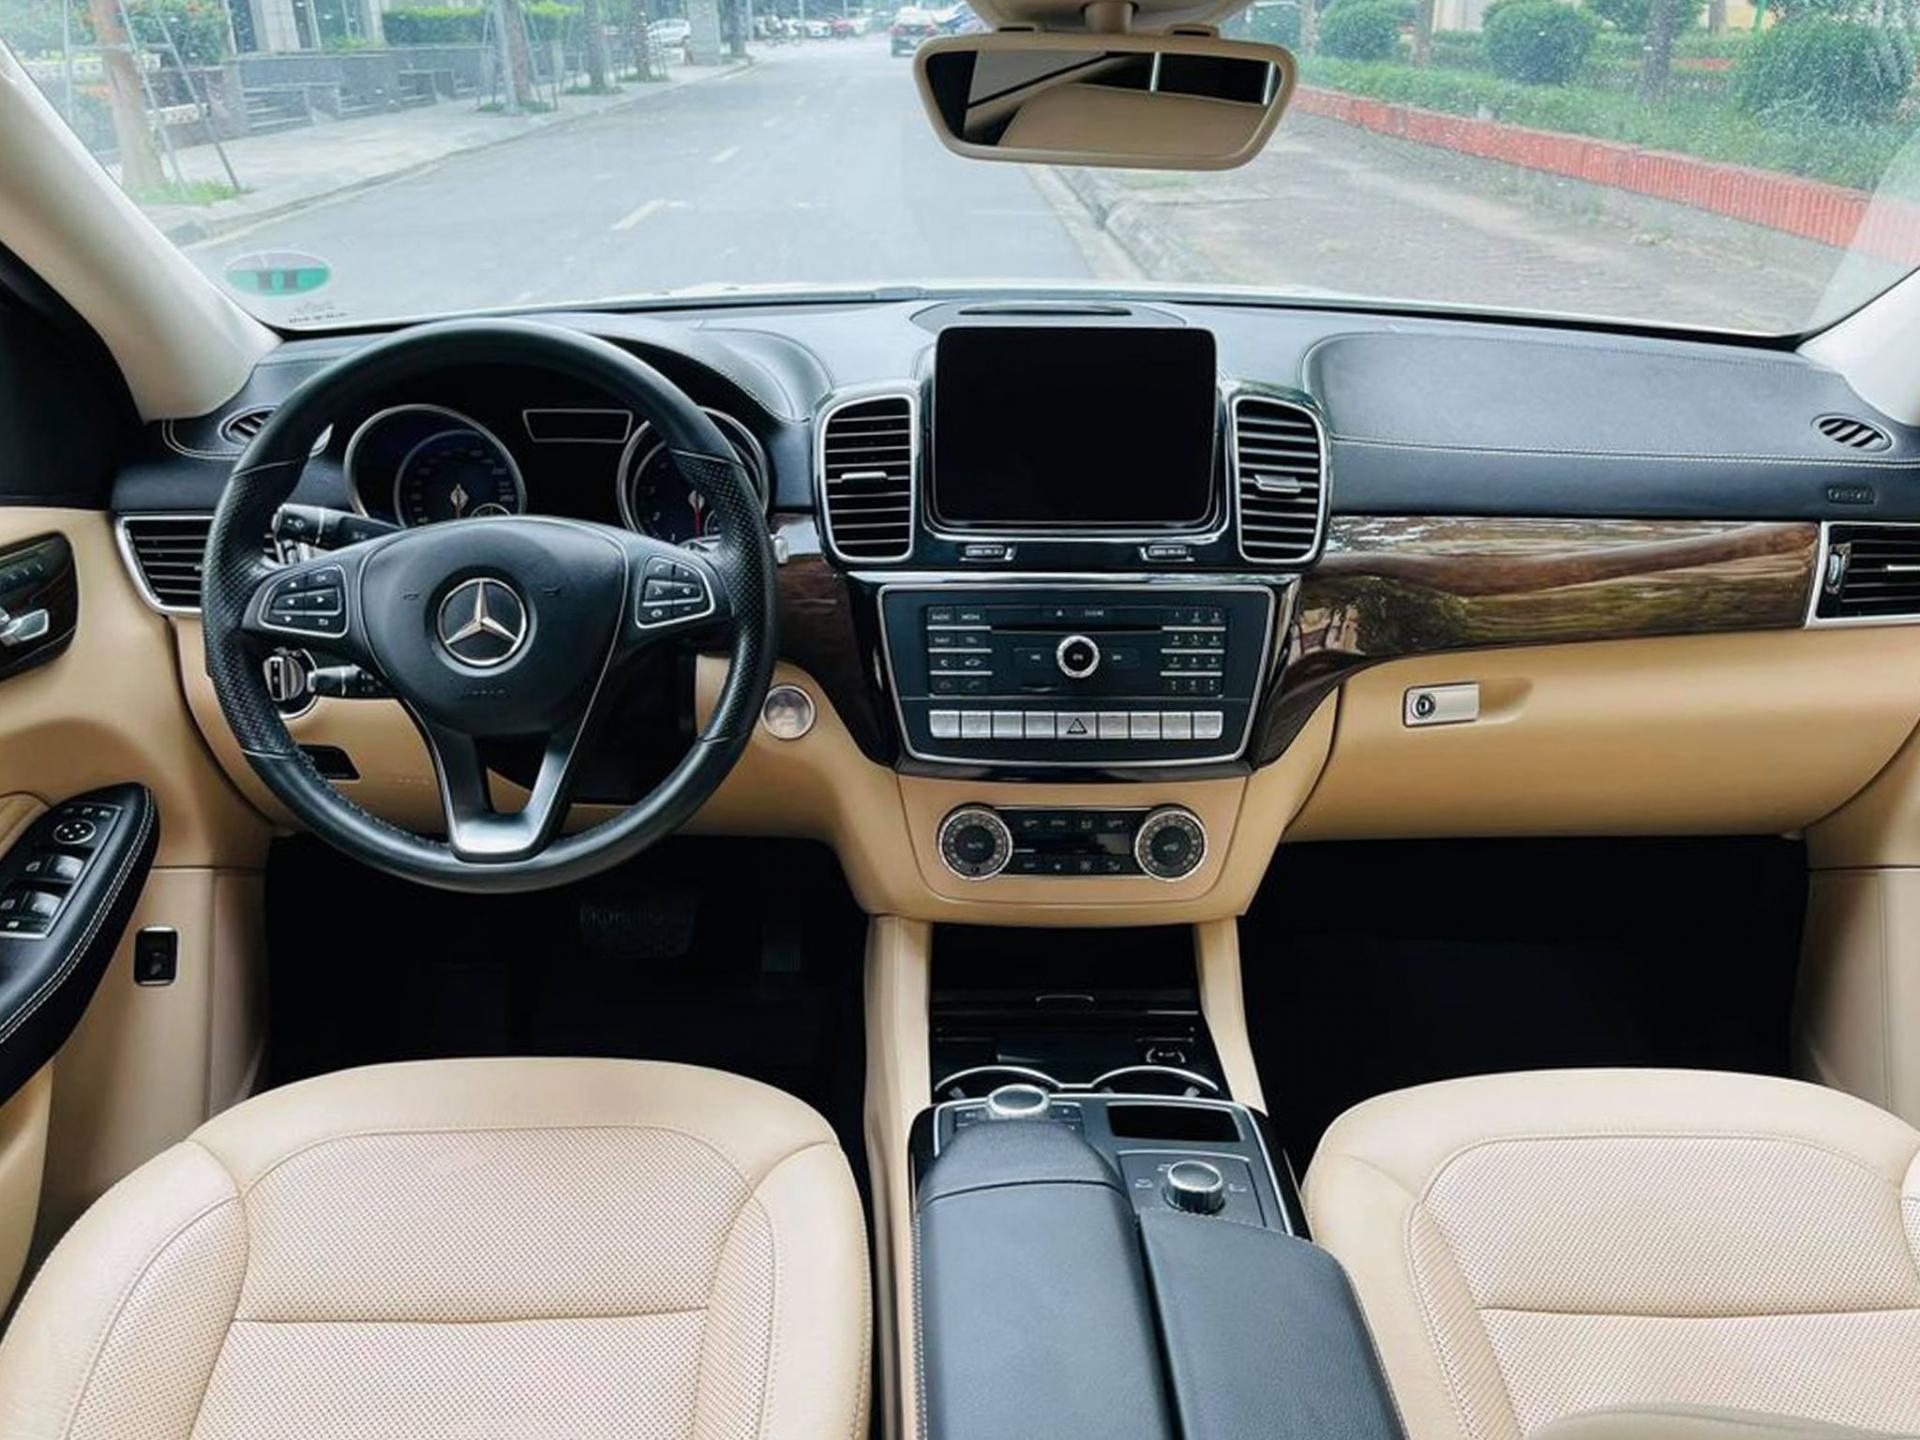 Hàng hot trên thị trường xe cũ: Mercedes-Benz GLE 400 4Matic Coupe bán lại chịu lỗ cả tỷ đồng 3